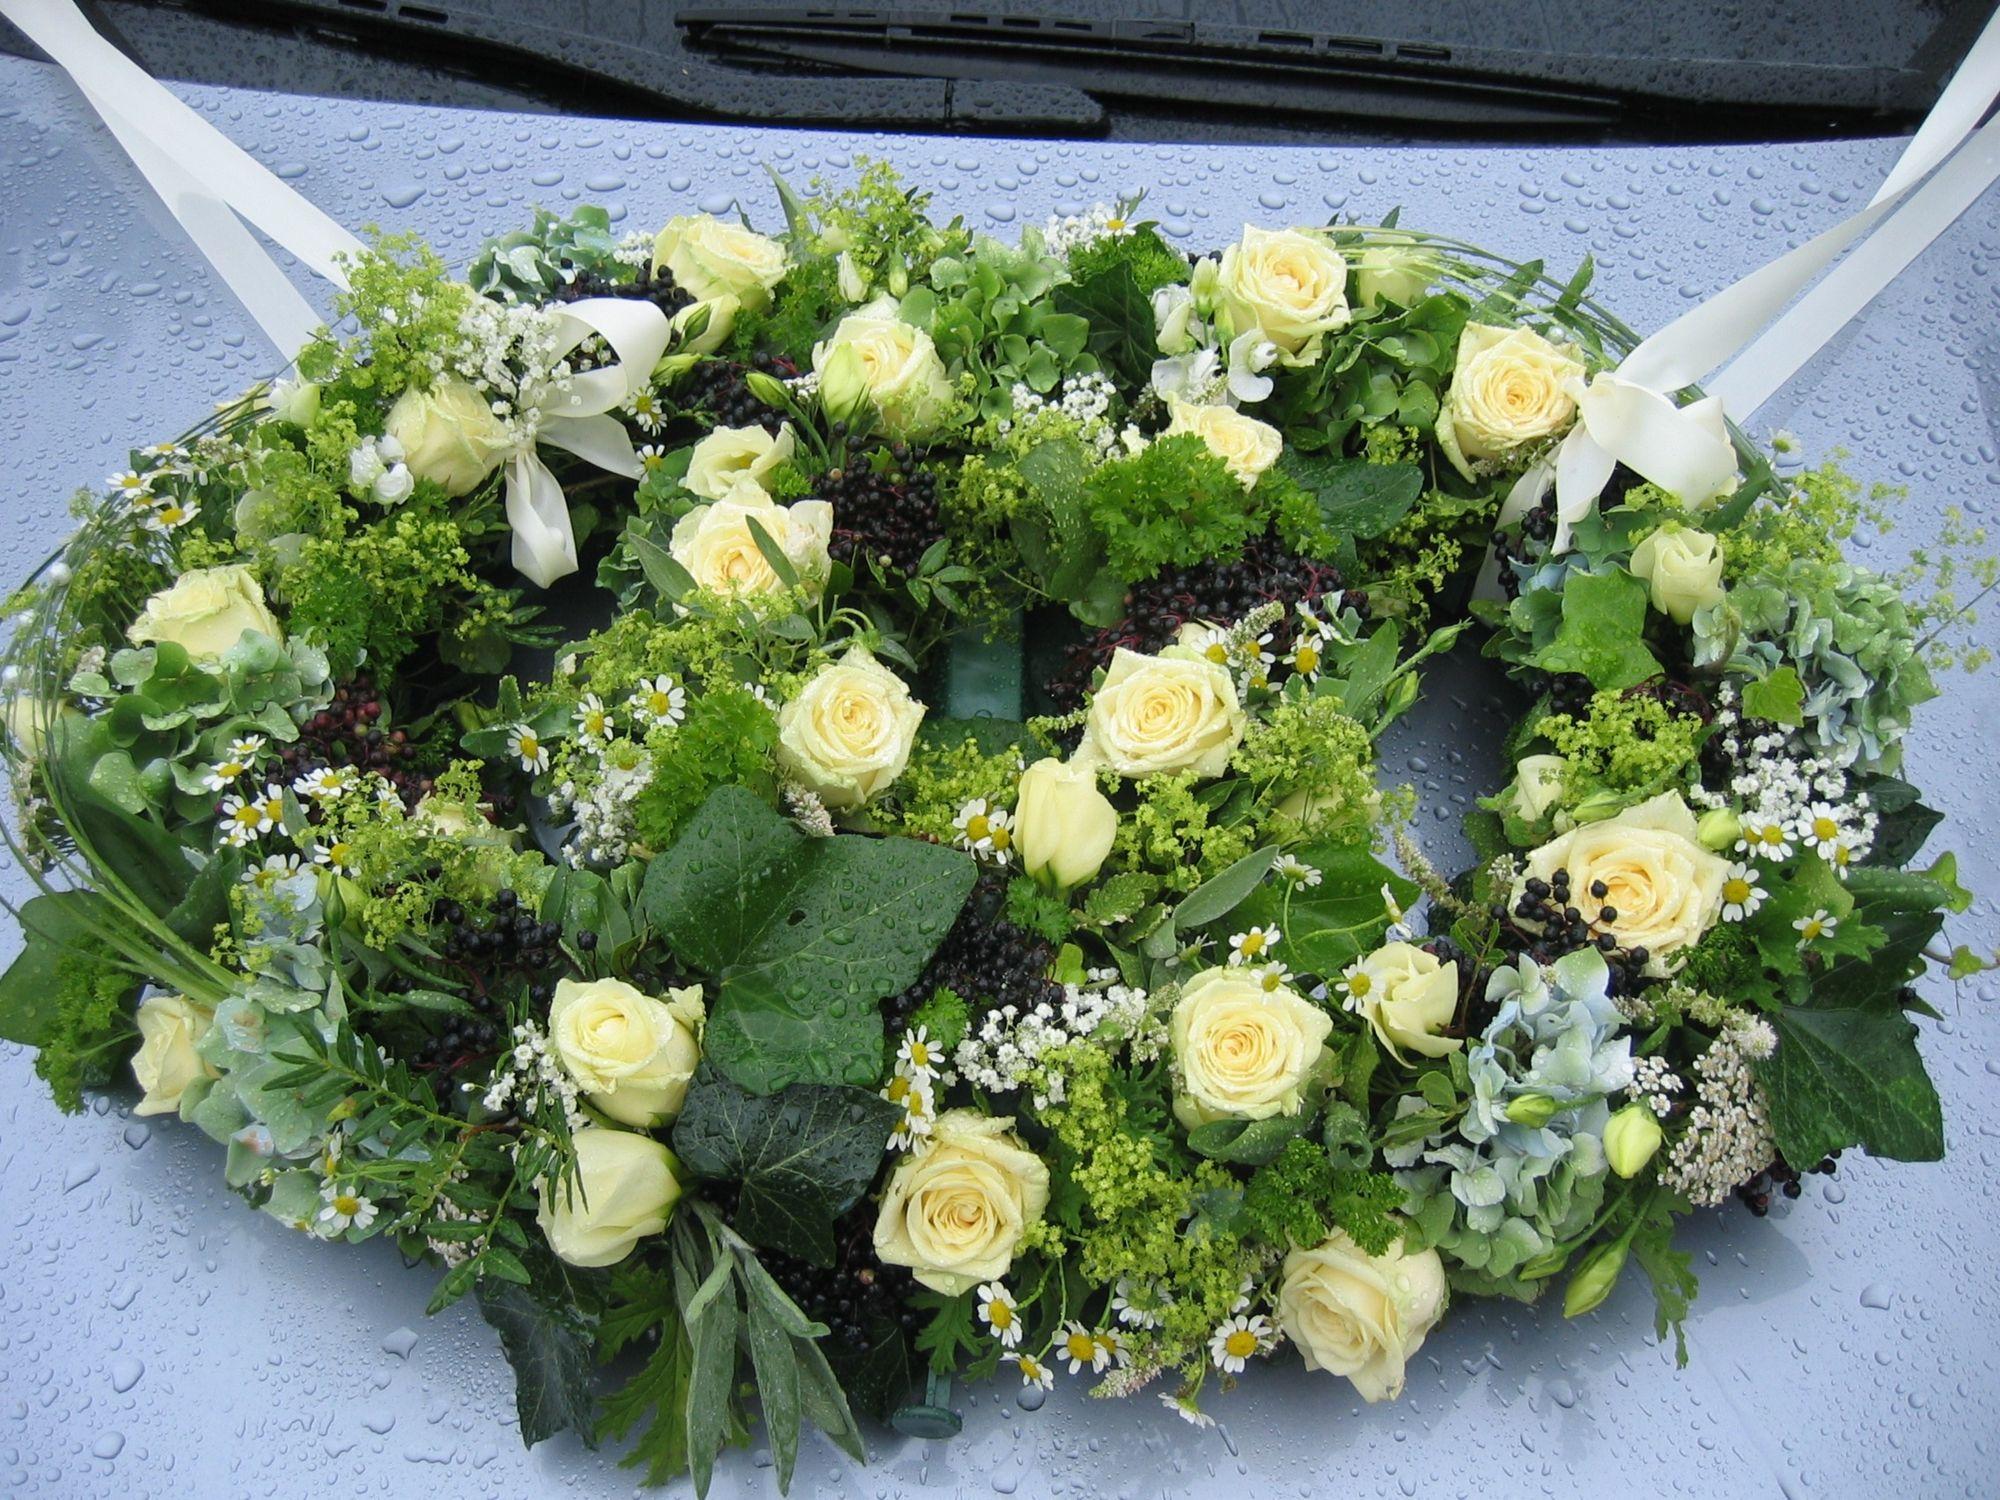 Hochzeitsfloristik in Berlin: Schmuck für Brautauto mit weißen Rosen